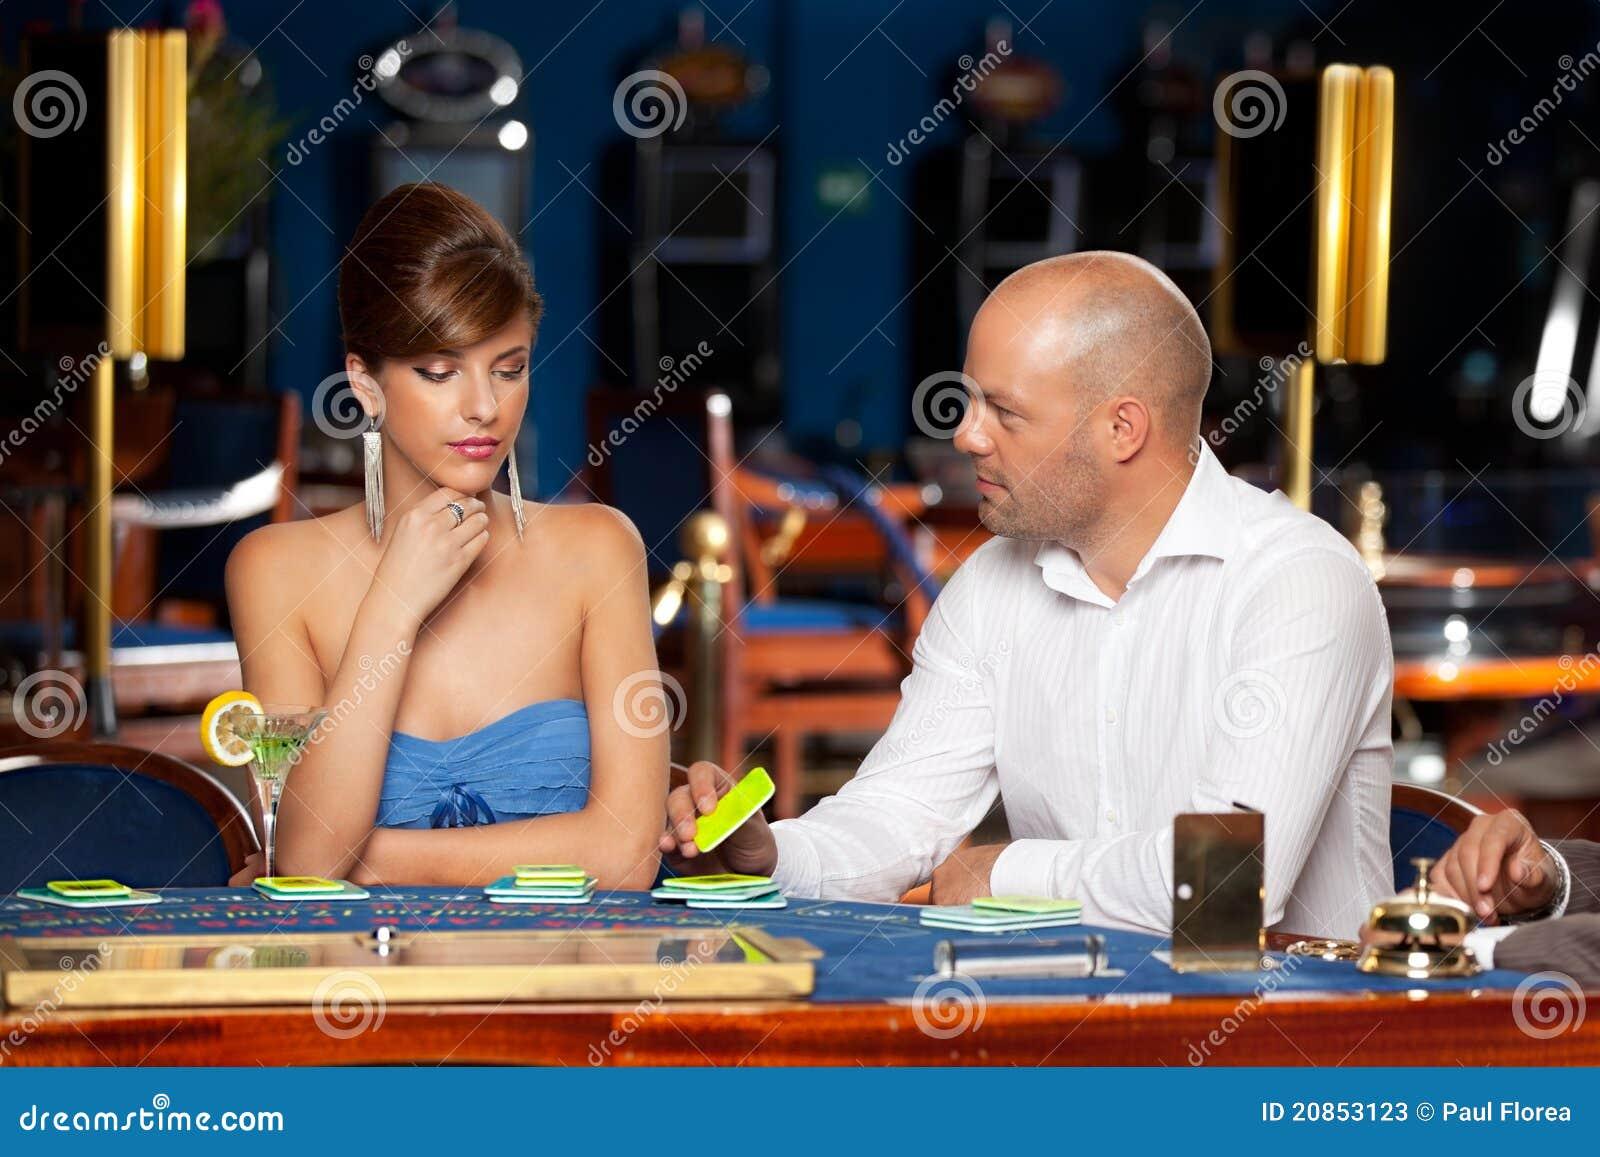 flirt-casino,com